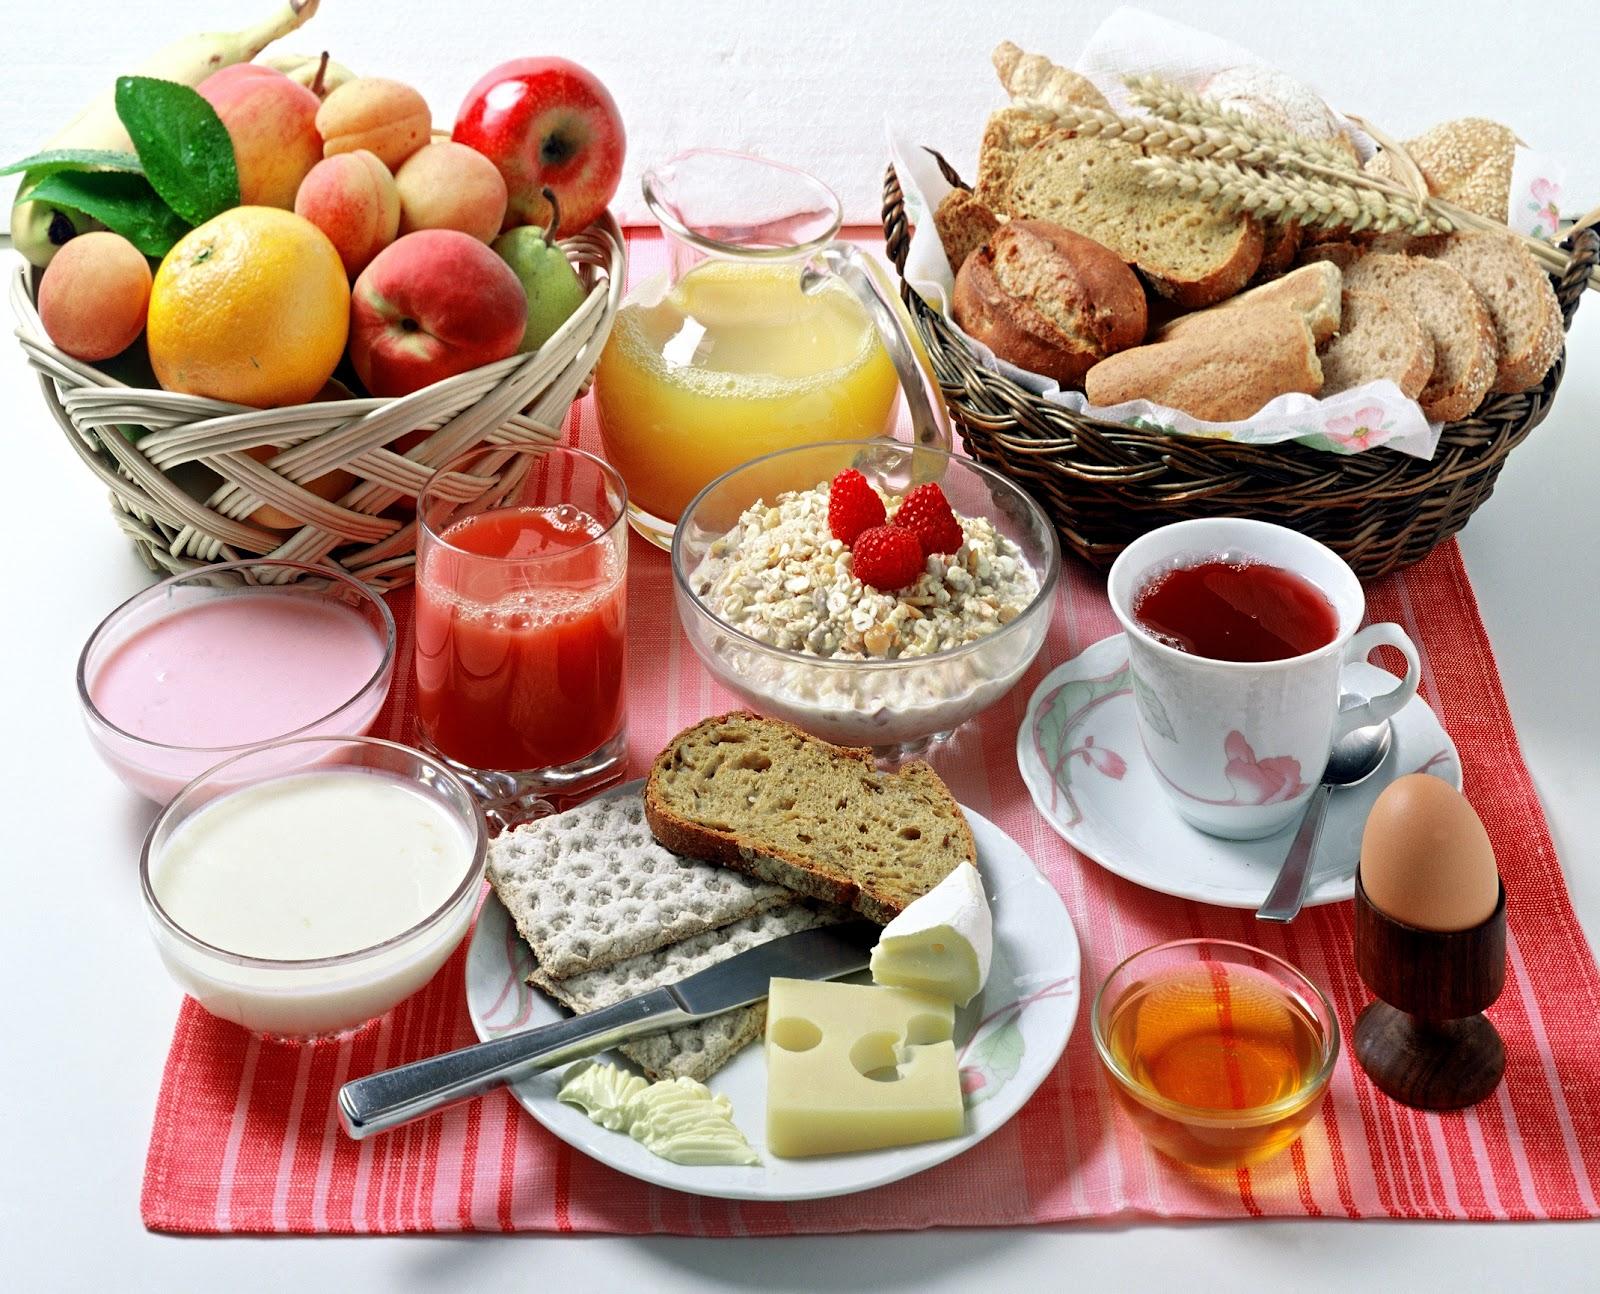 Un buen desayuno para cuidar tu salud